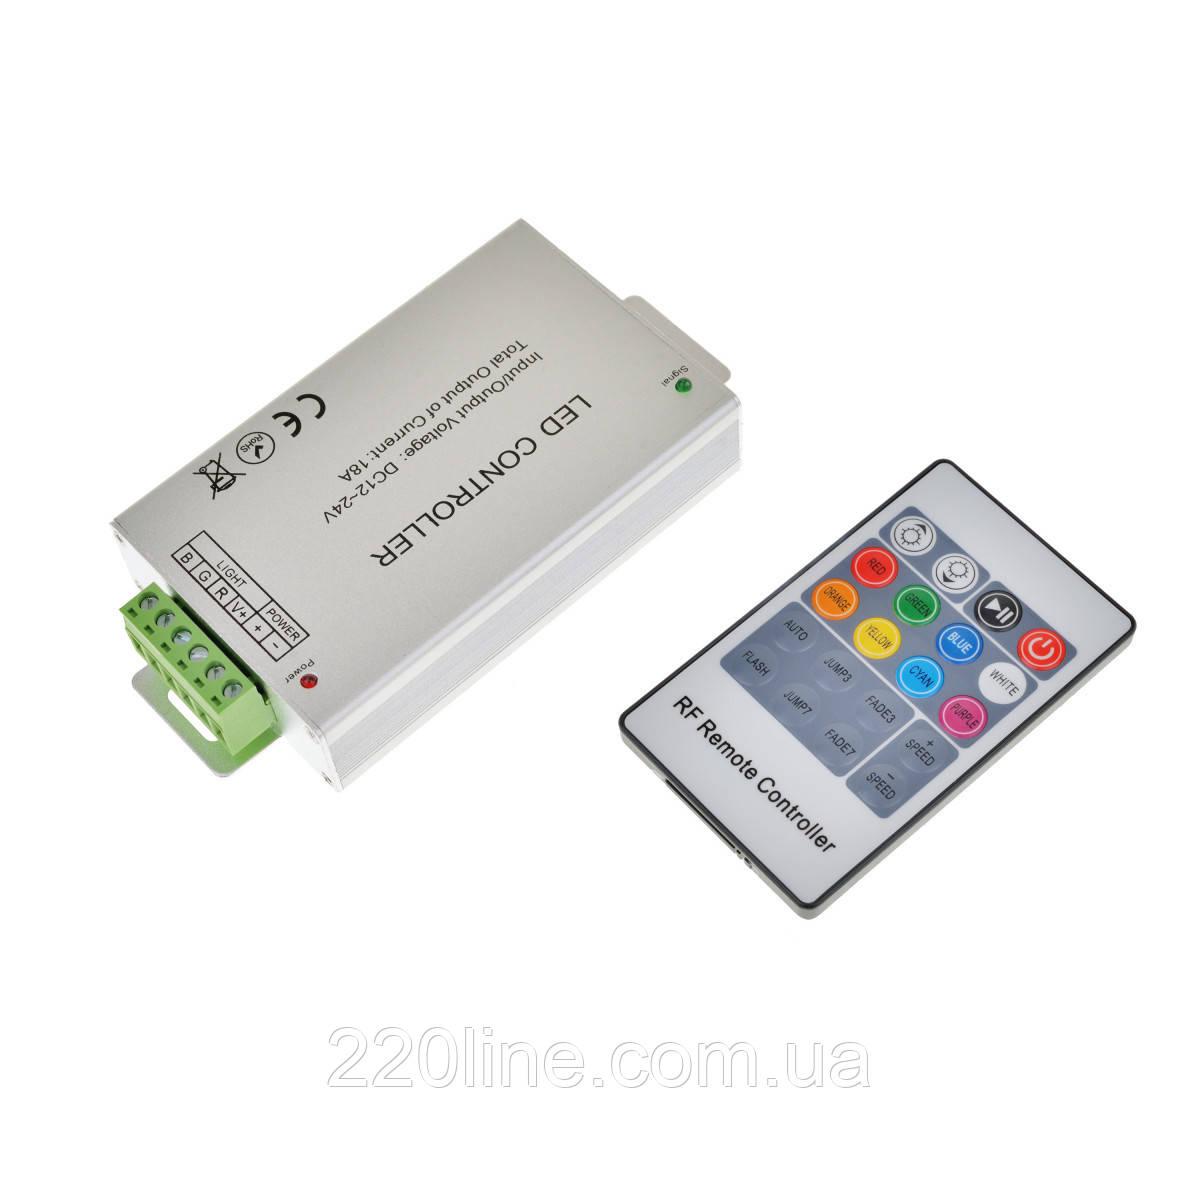 Контроллер для led грунтовых светильников DR-10 CON RGB DC12-24V